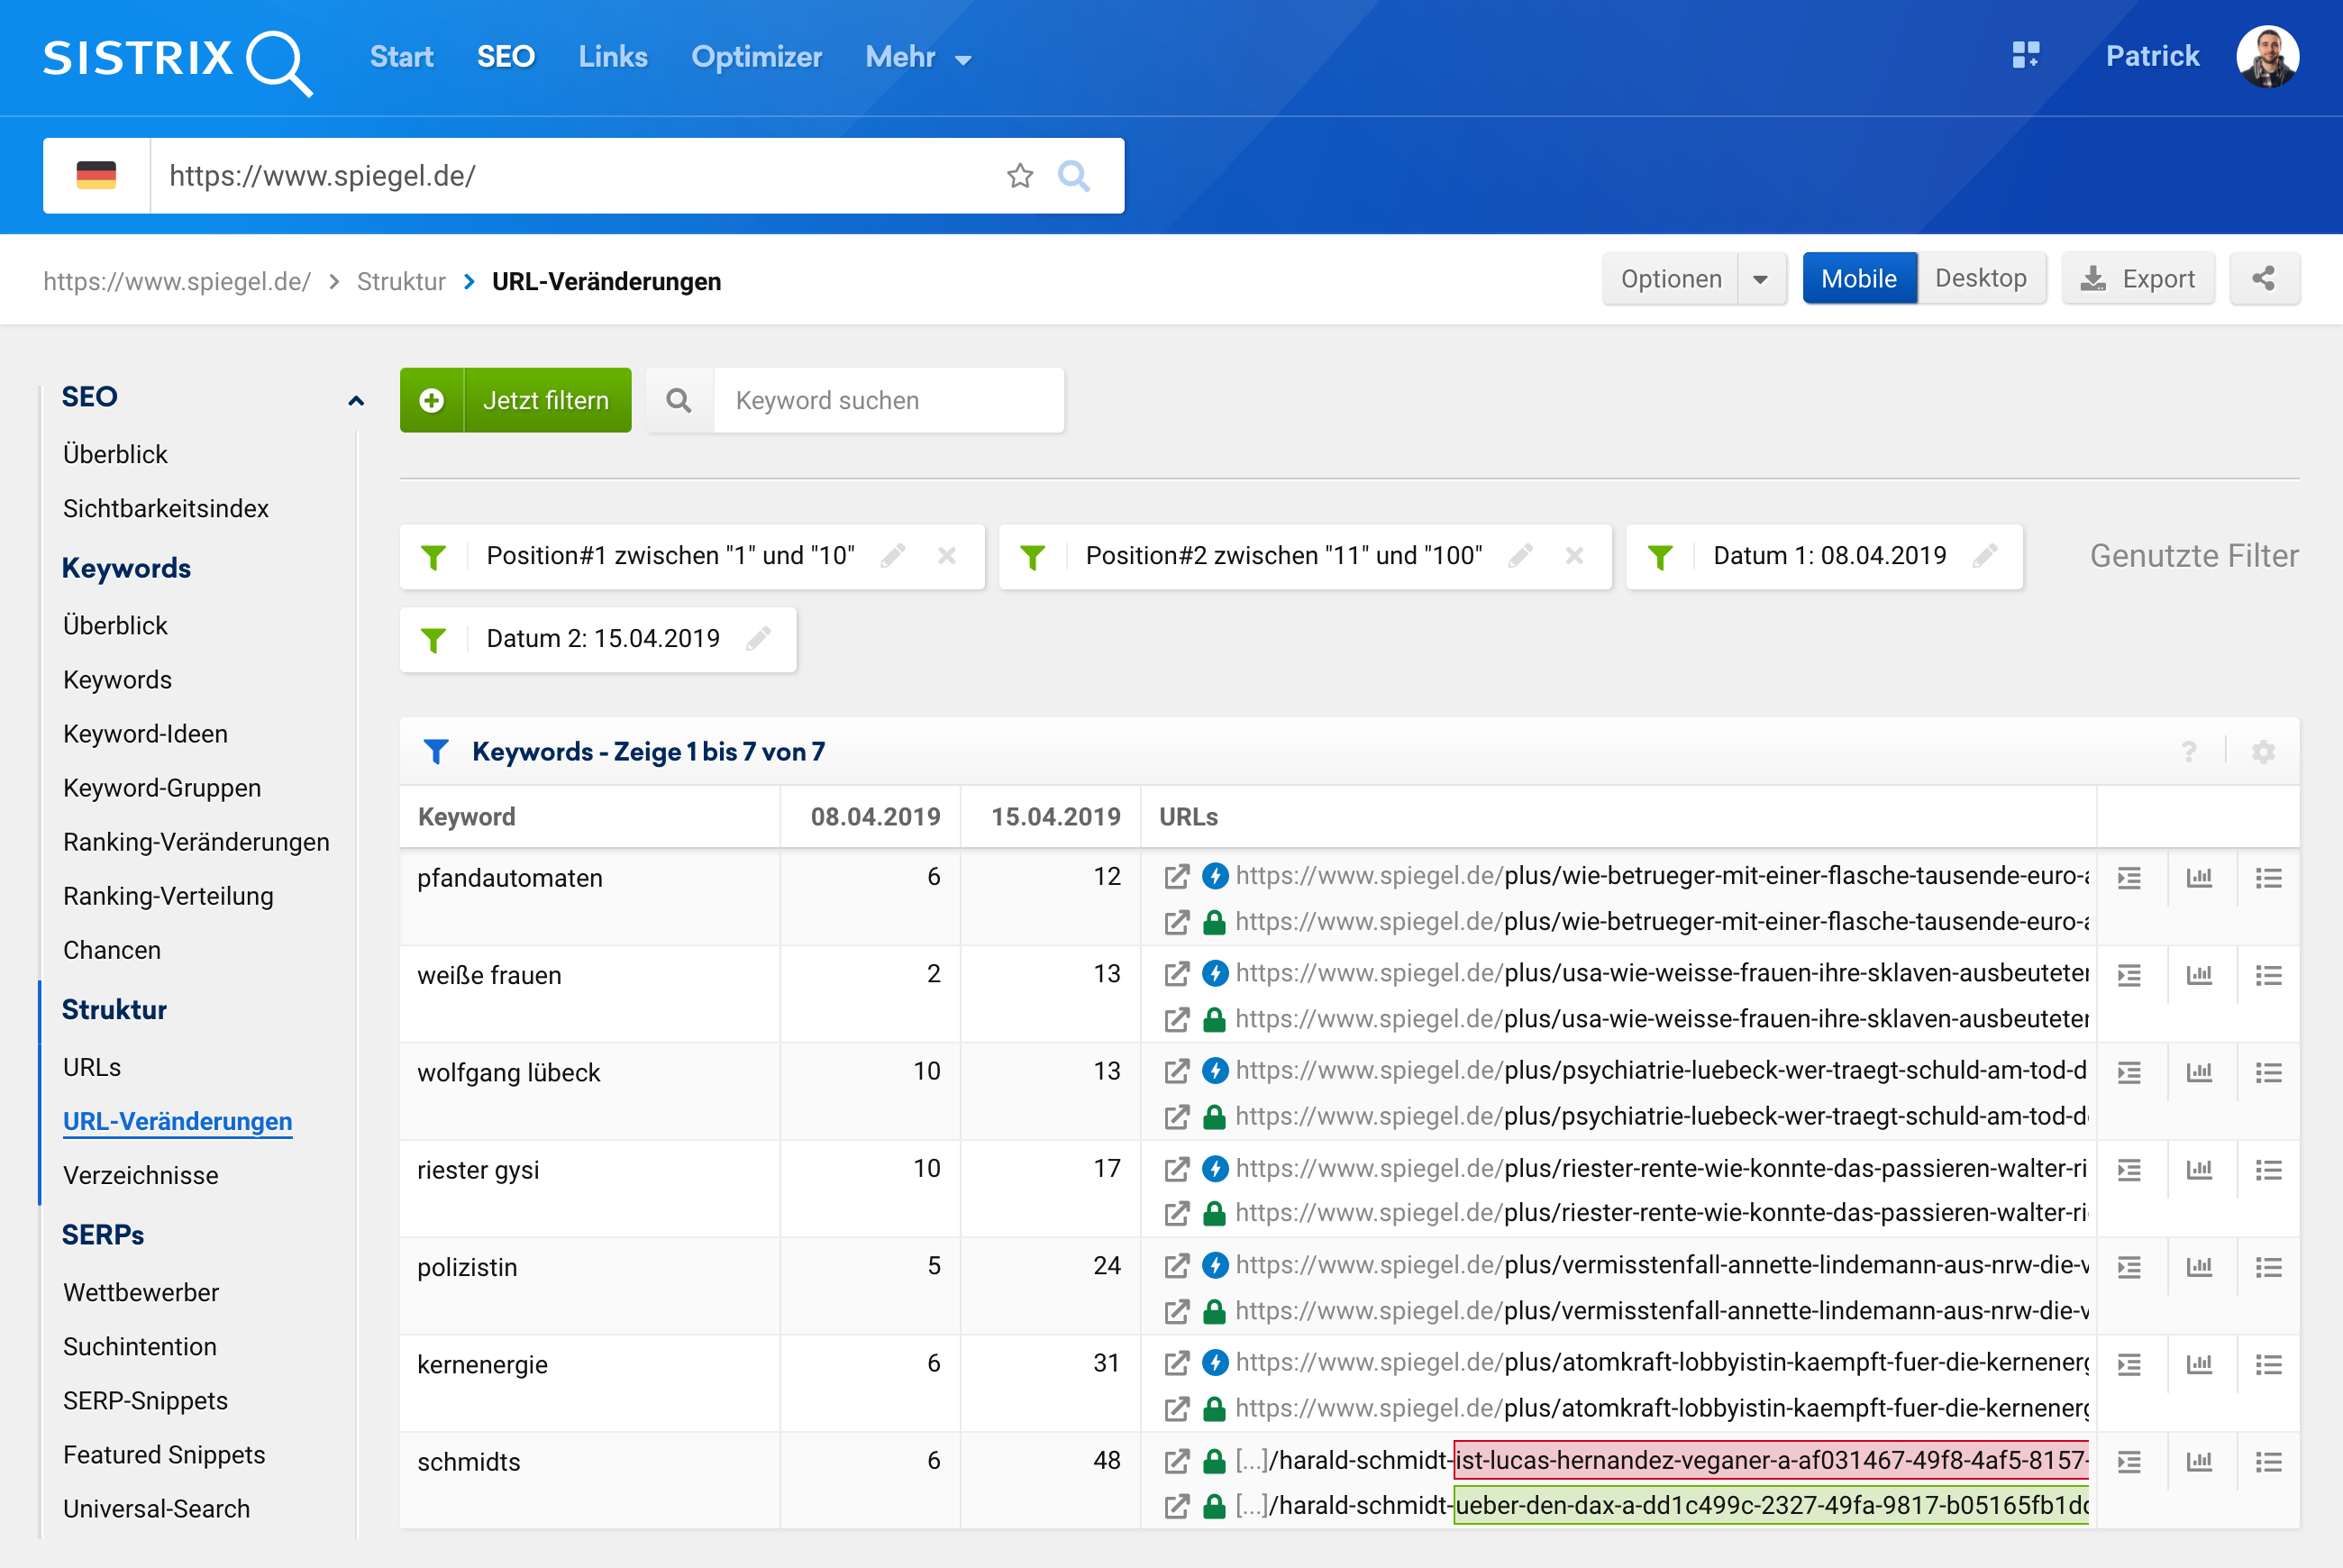 """Ansicht der URL-Veränderungen in der SISTRIX Toolbox für die Filter """"Position#1 zwischen 1 und 10"""", """"Position#2 zwischen 11 und 100"""" für die beiden Datenpunkte vom 08.01.2019 und den 15.04.2019."""